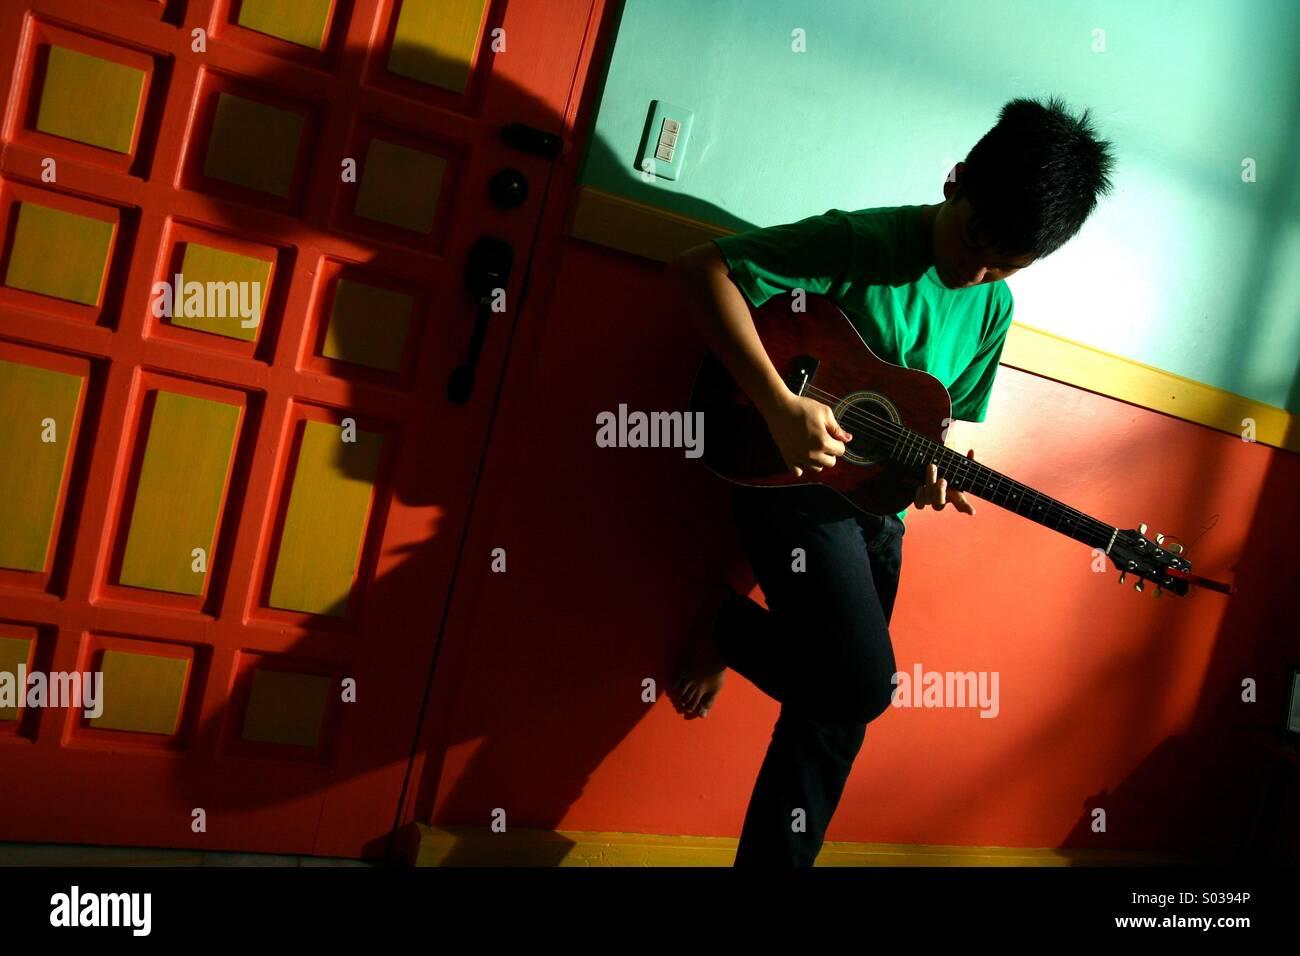 Junge asiatische Teen spielt Gitarre in einer leeren Wohnzimmer Stockbild